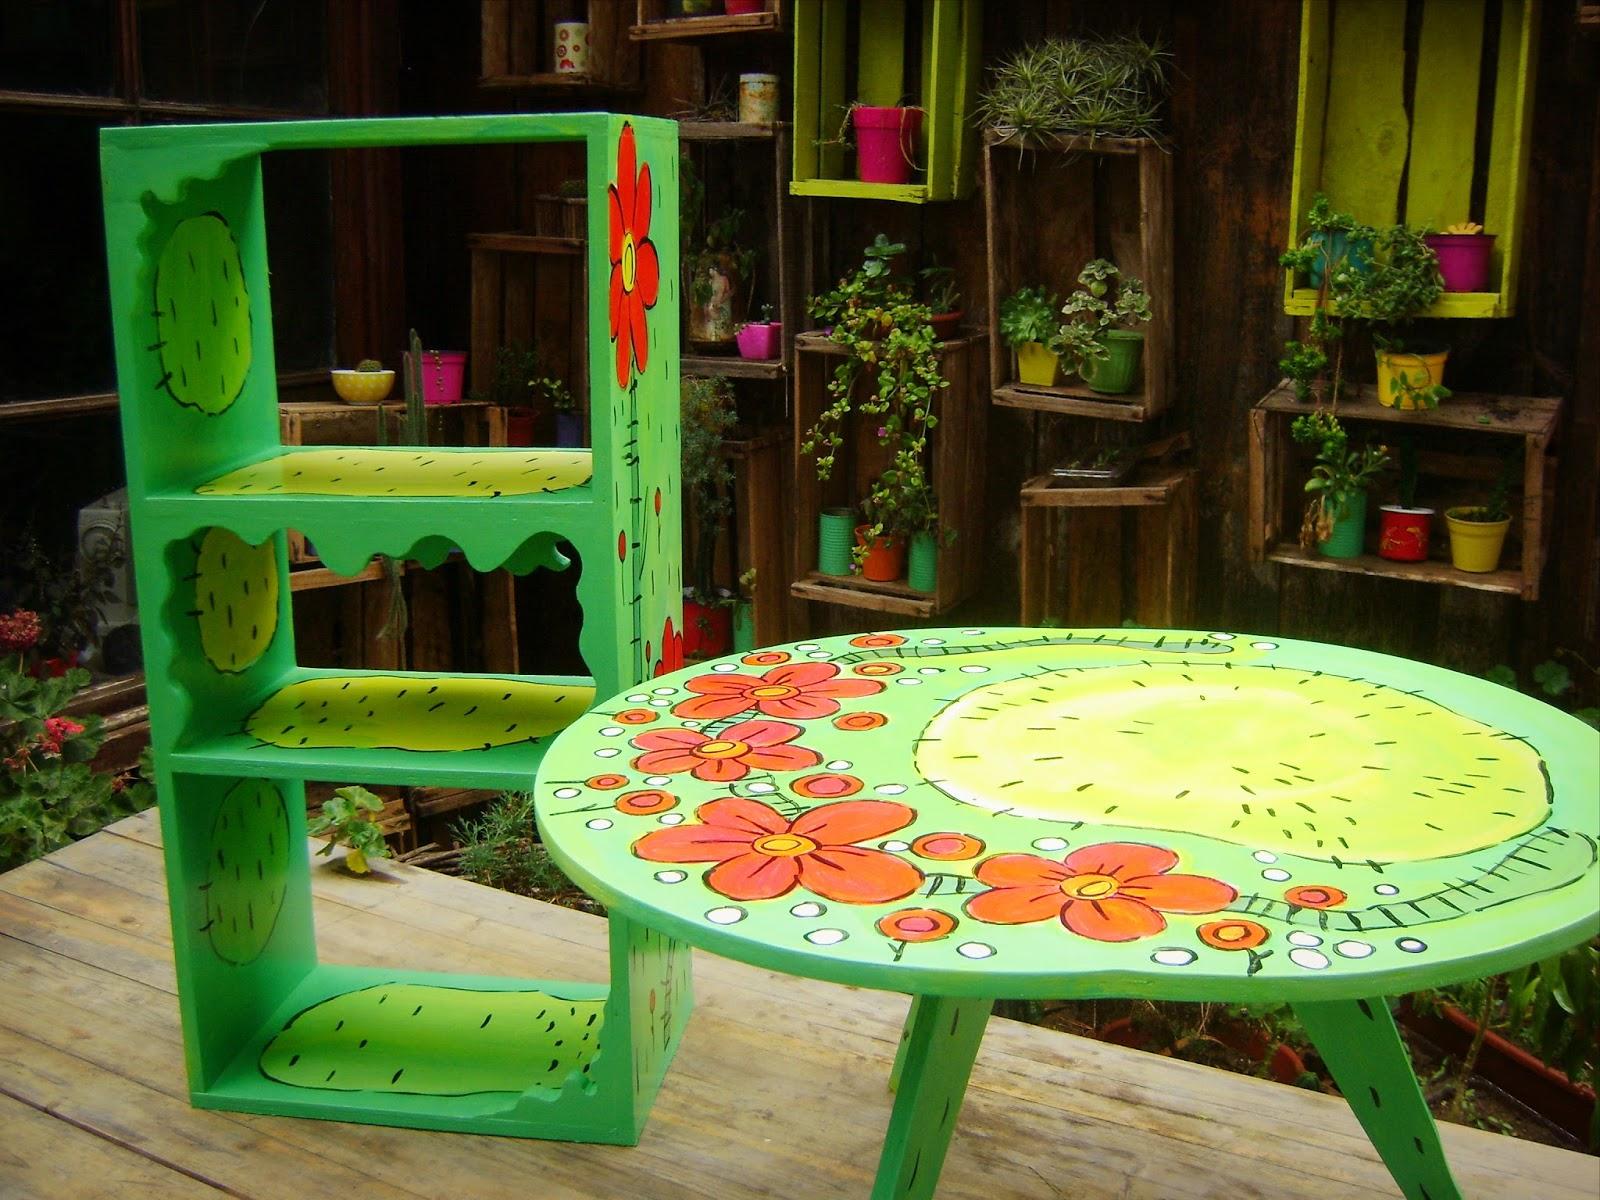 Circolor Muebles M Gicos  # Muebles Lola Mora